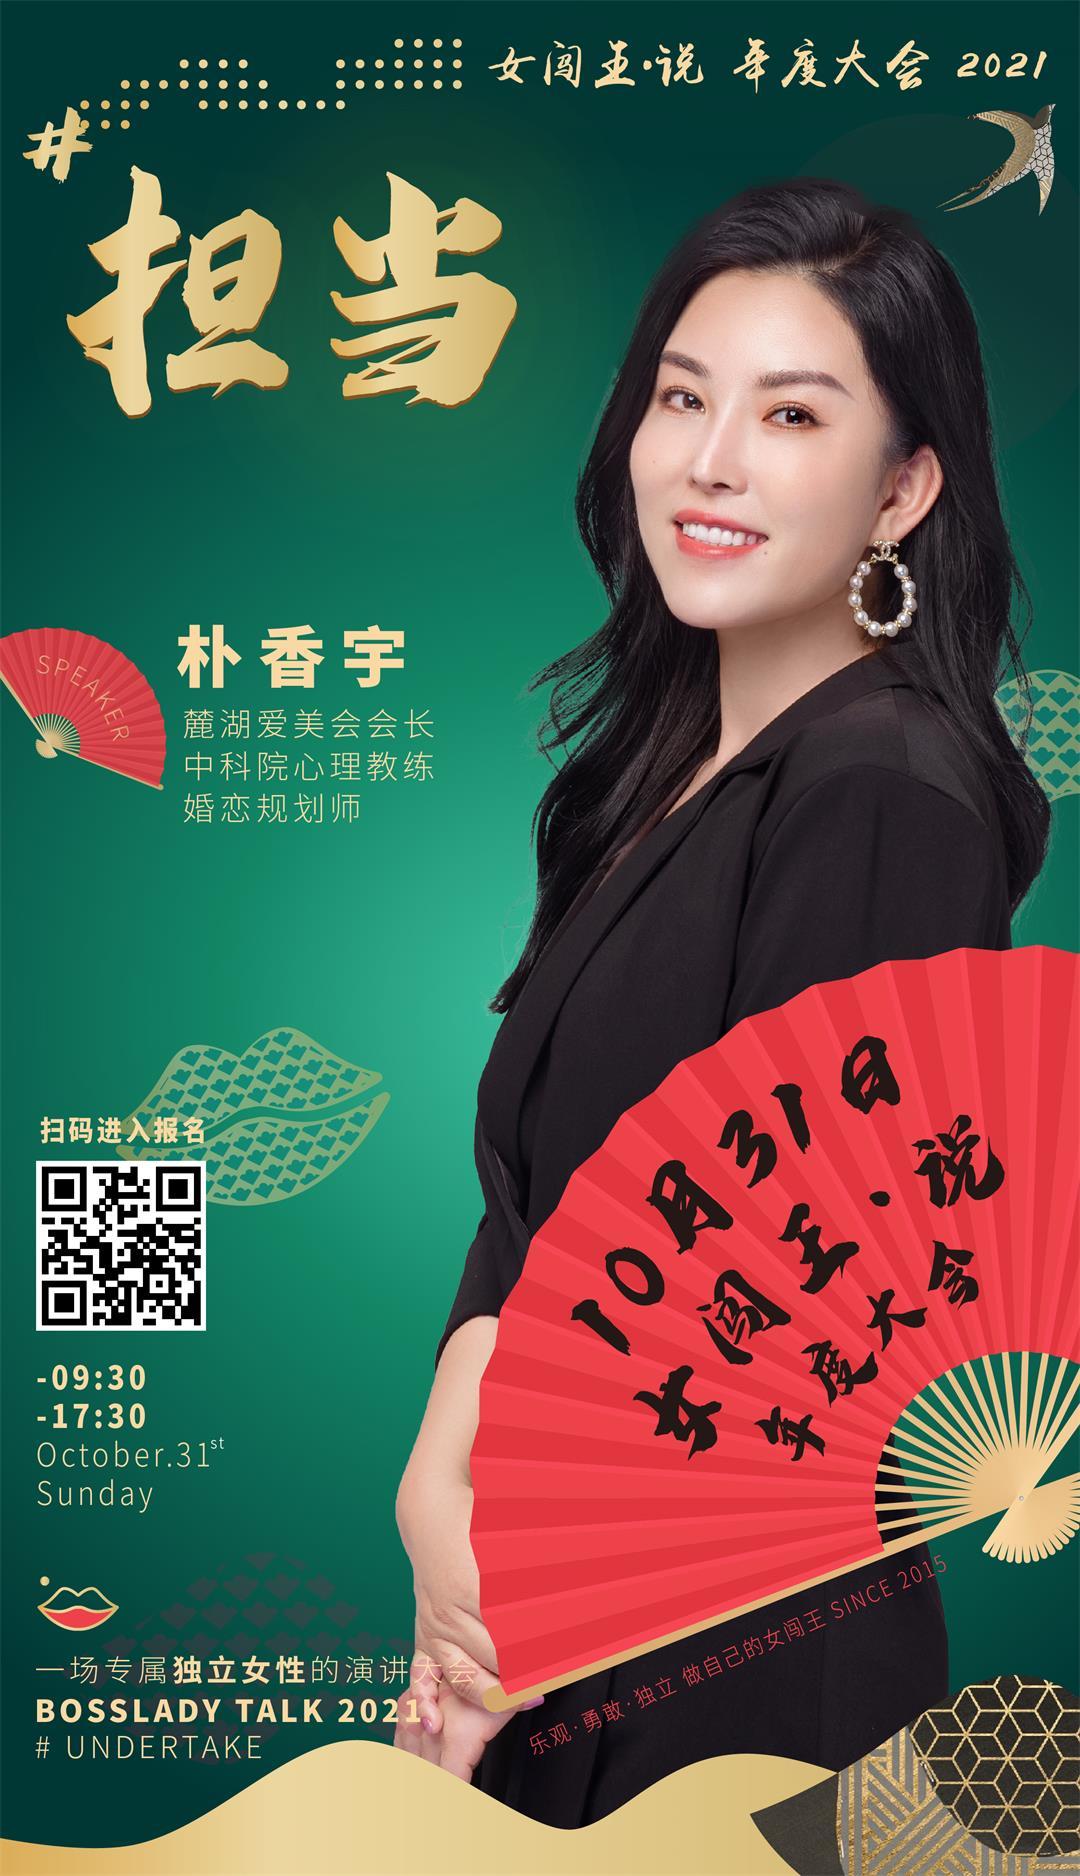 女闯王说2021海报模板-PIAO-01.jpg